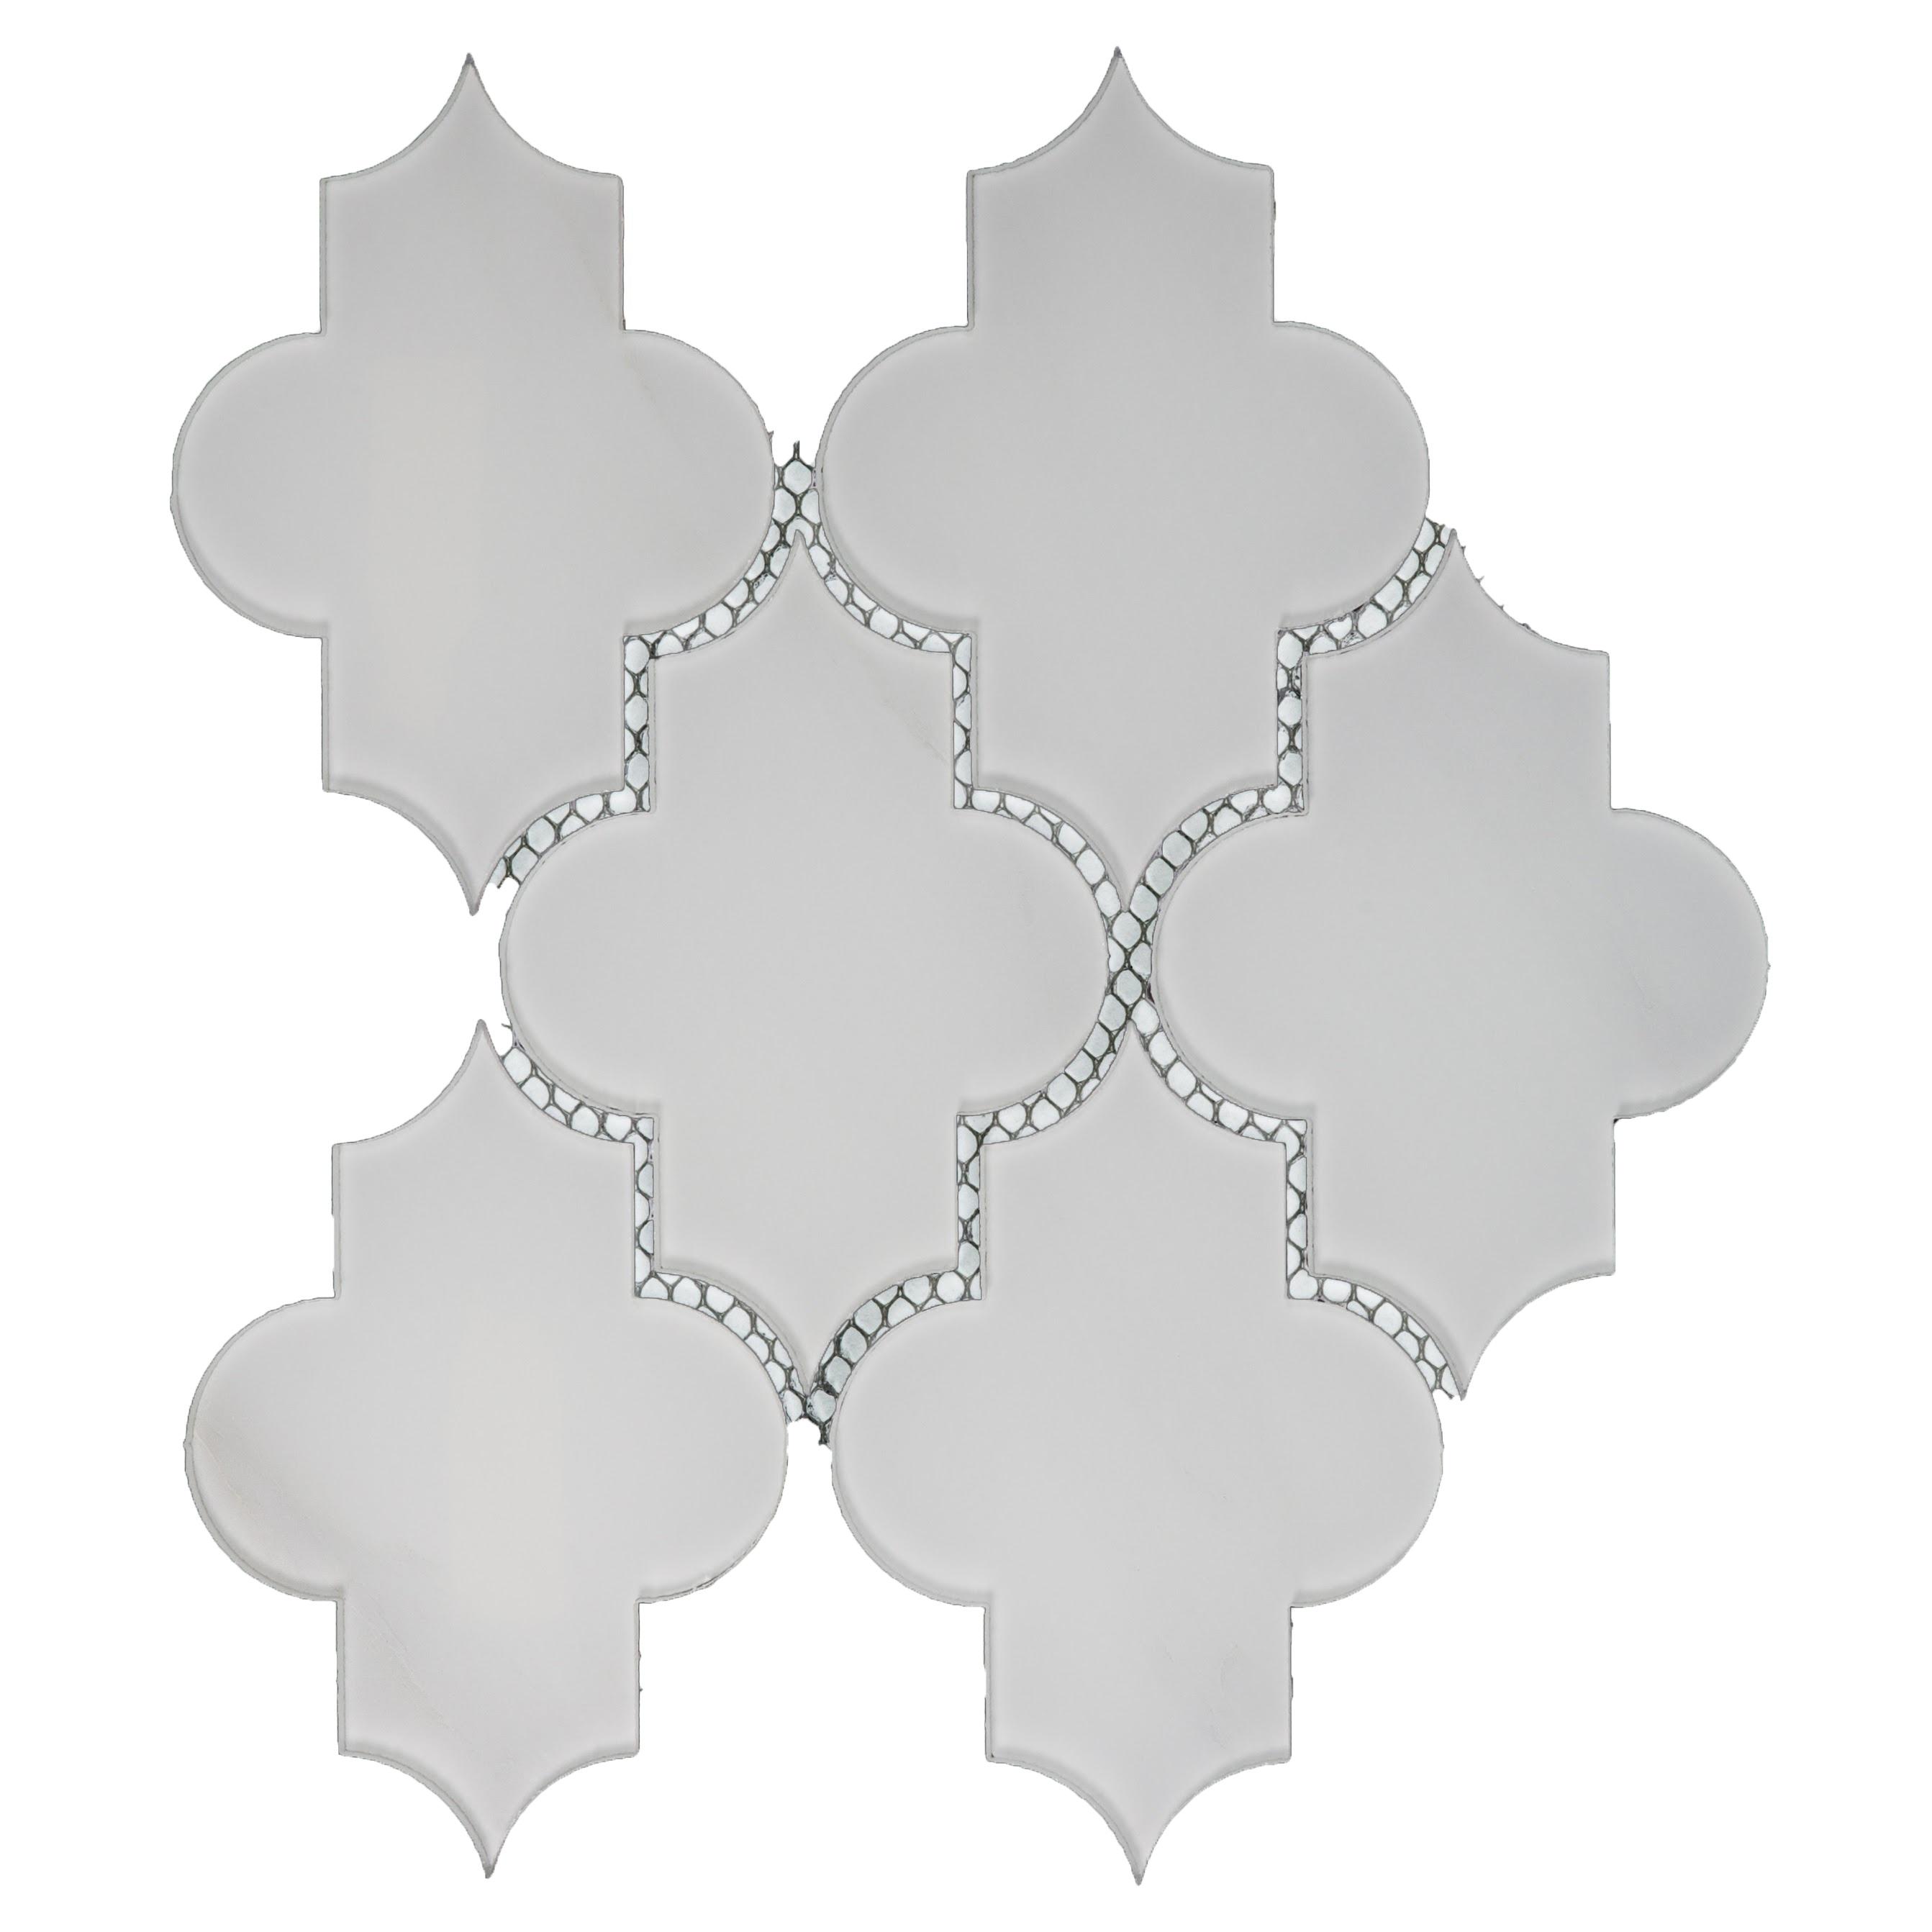 """Nature 4"""" x 5.5"""" Glossy White Glass Small Lantern Backsplash Mosaic Wall Tile"""